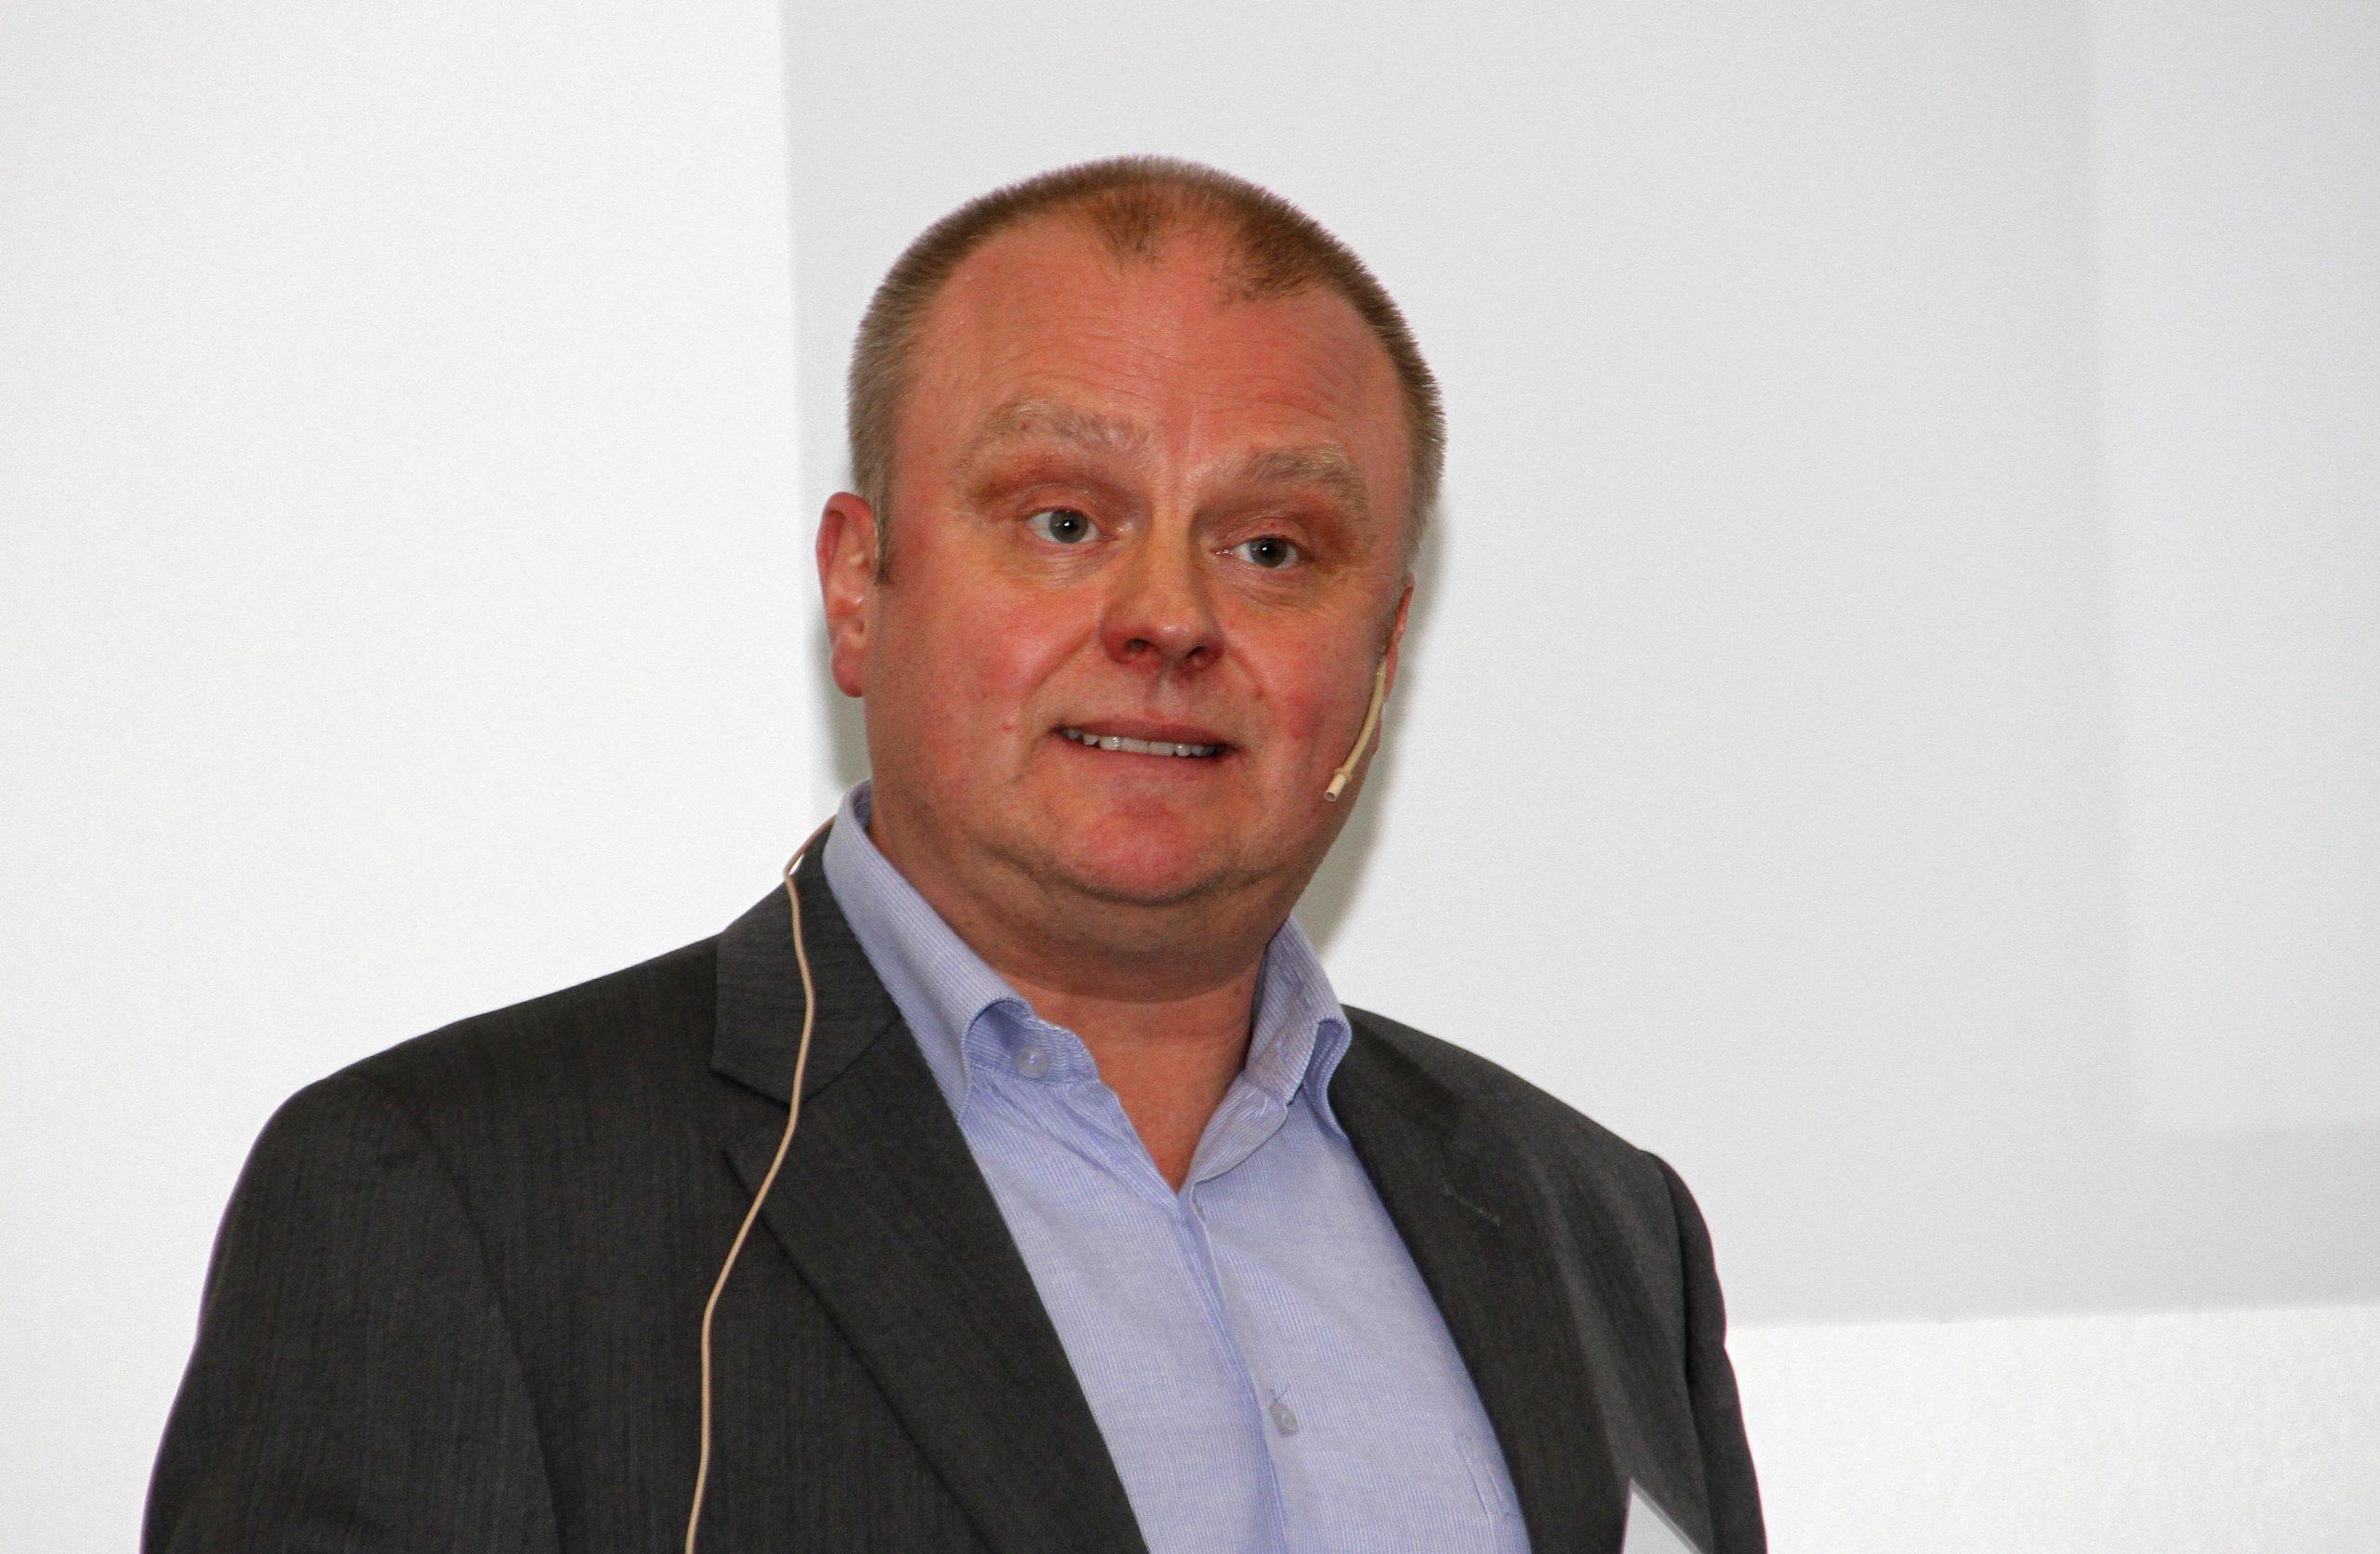 Svein Erik Rødvik i Grønt Punkt Norge vil gjerne flytte mer midler over til de som klarer å levere mest utsortert plast pr innbygger.